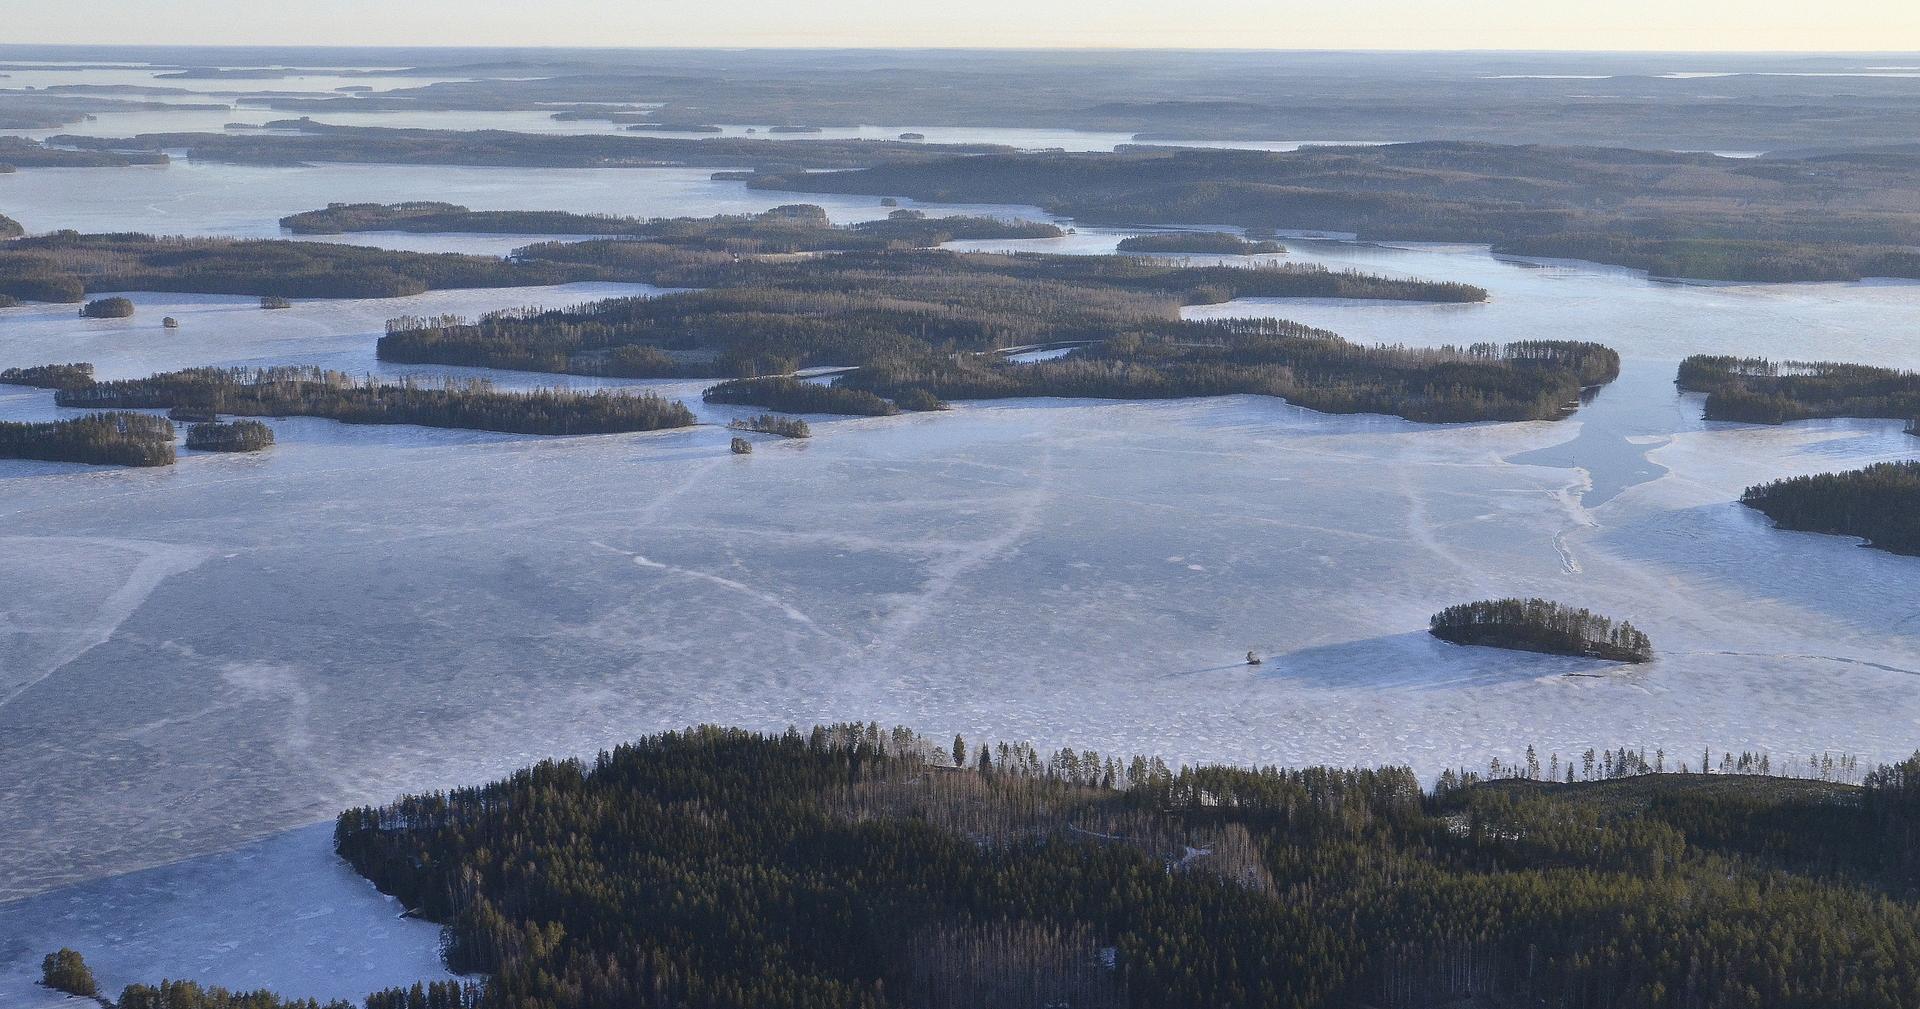 Lähimpänä Härkinselkä, vasemmalla edessä siintää jo Matilanvirta.